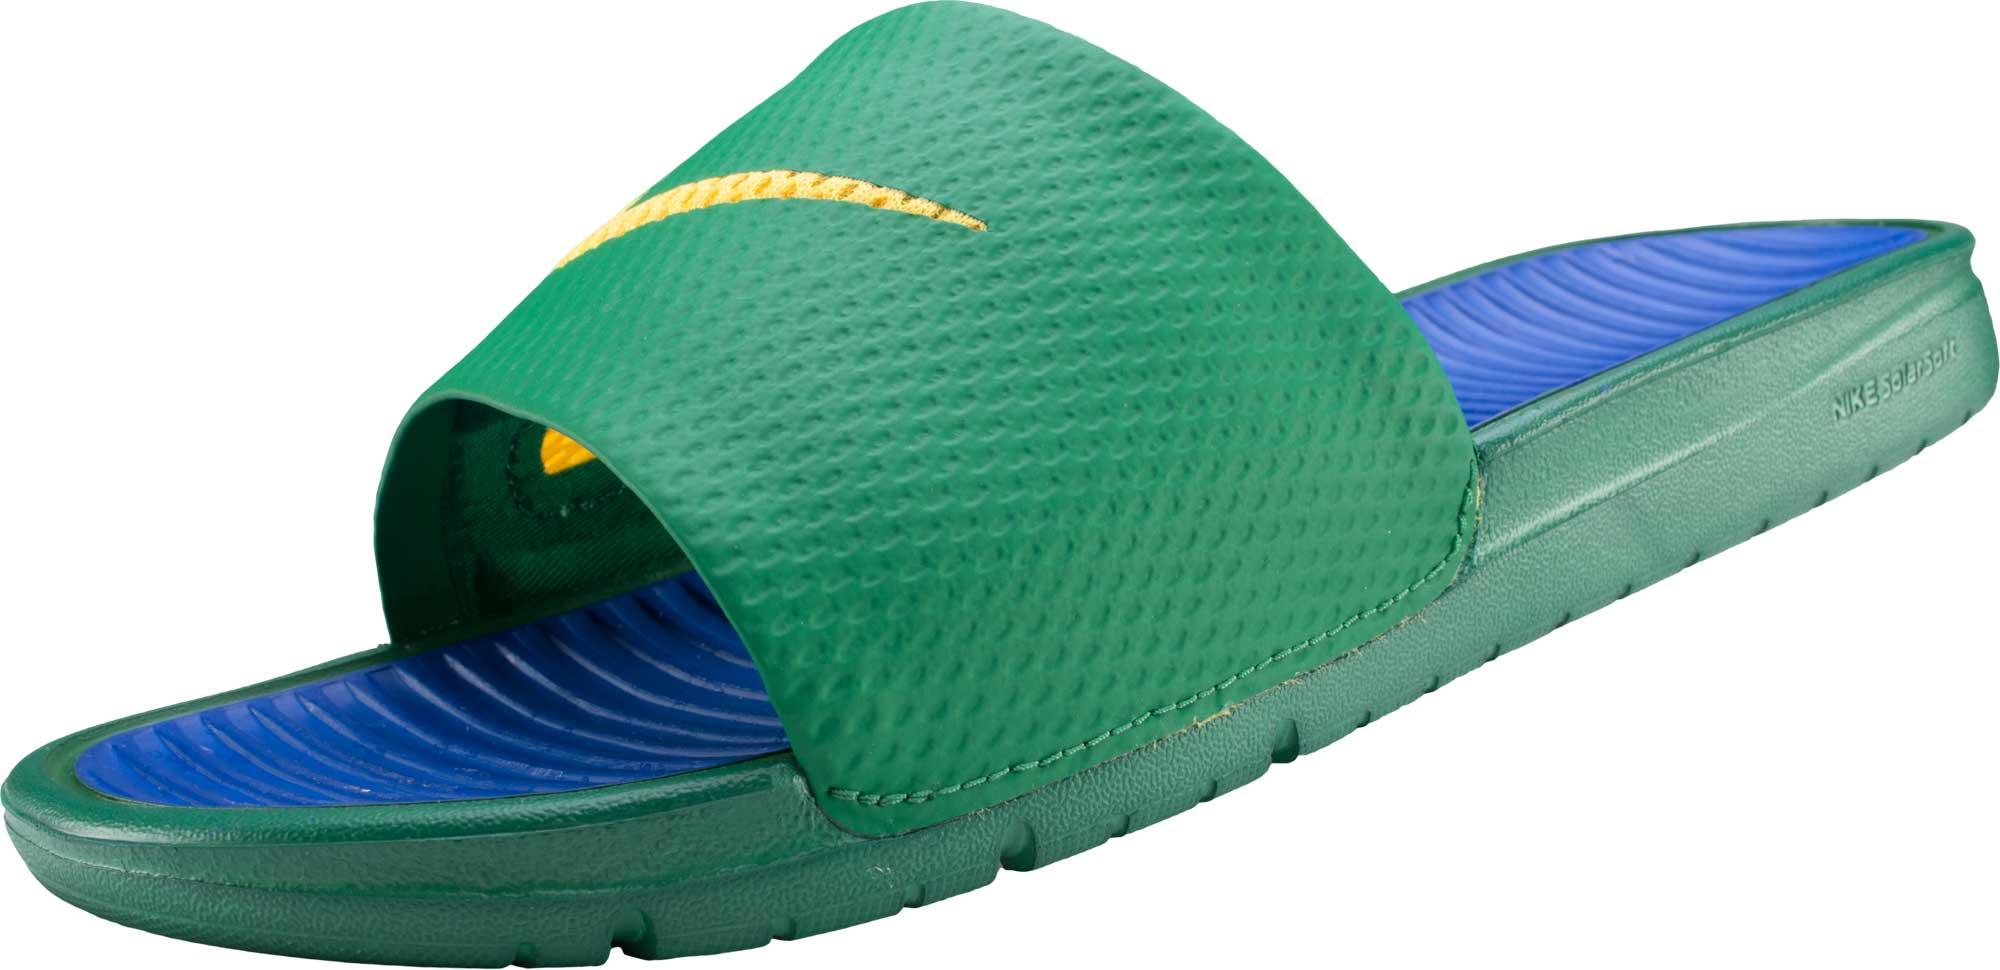 Nike Benassi Solarsoft Slides - Green Nike Soccer Sandals 6d44cd8f0